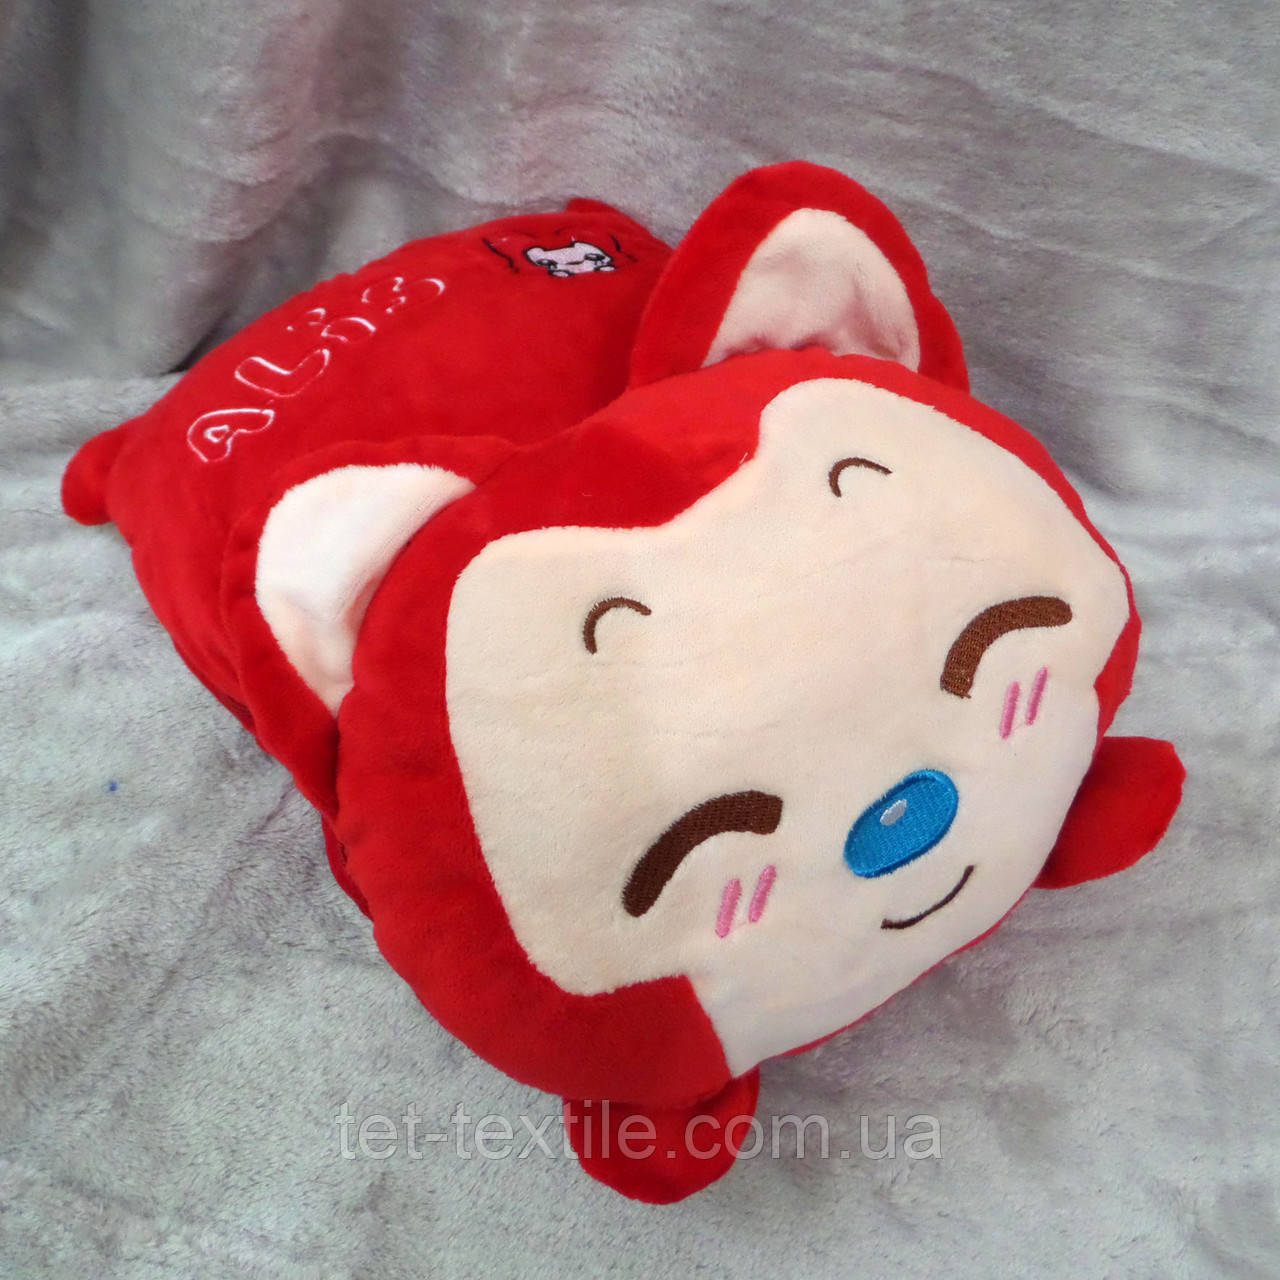 Плед - игрушка 3 в 1 (Котик красный)